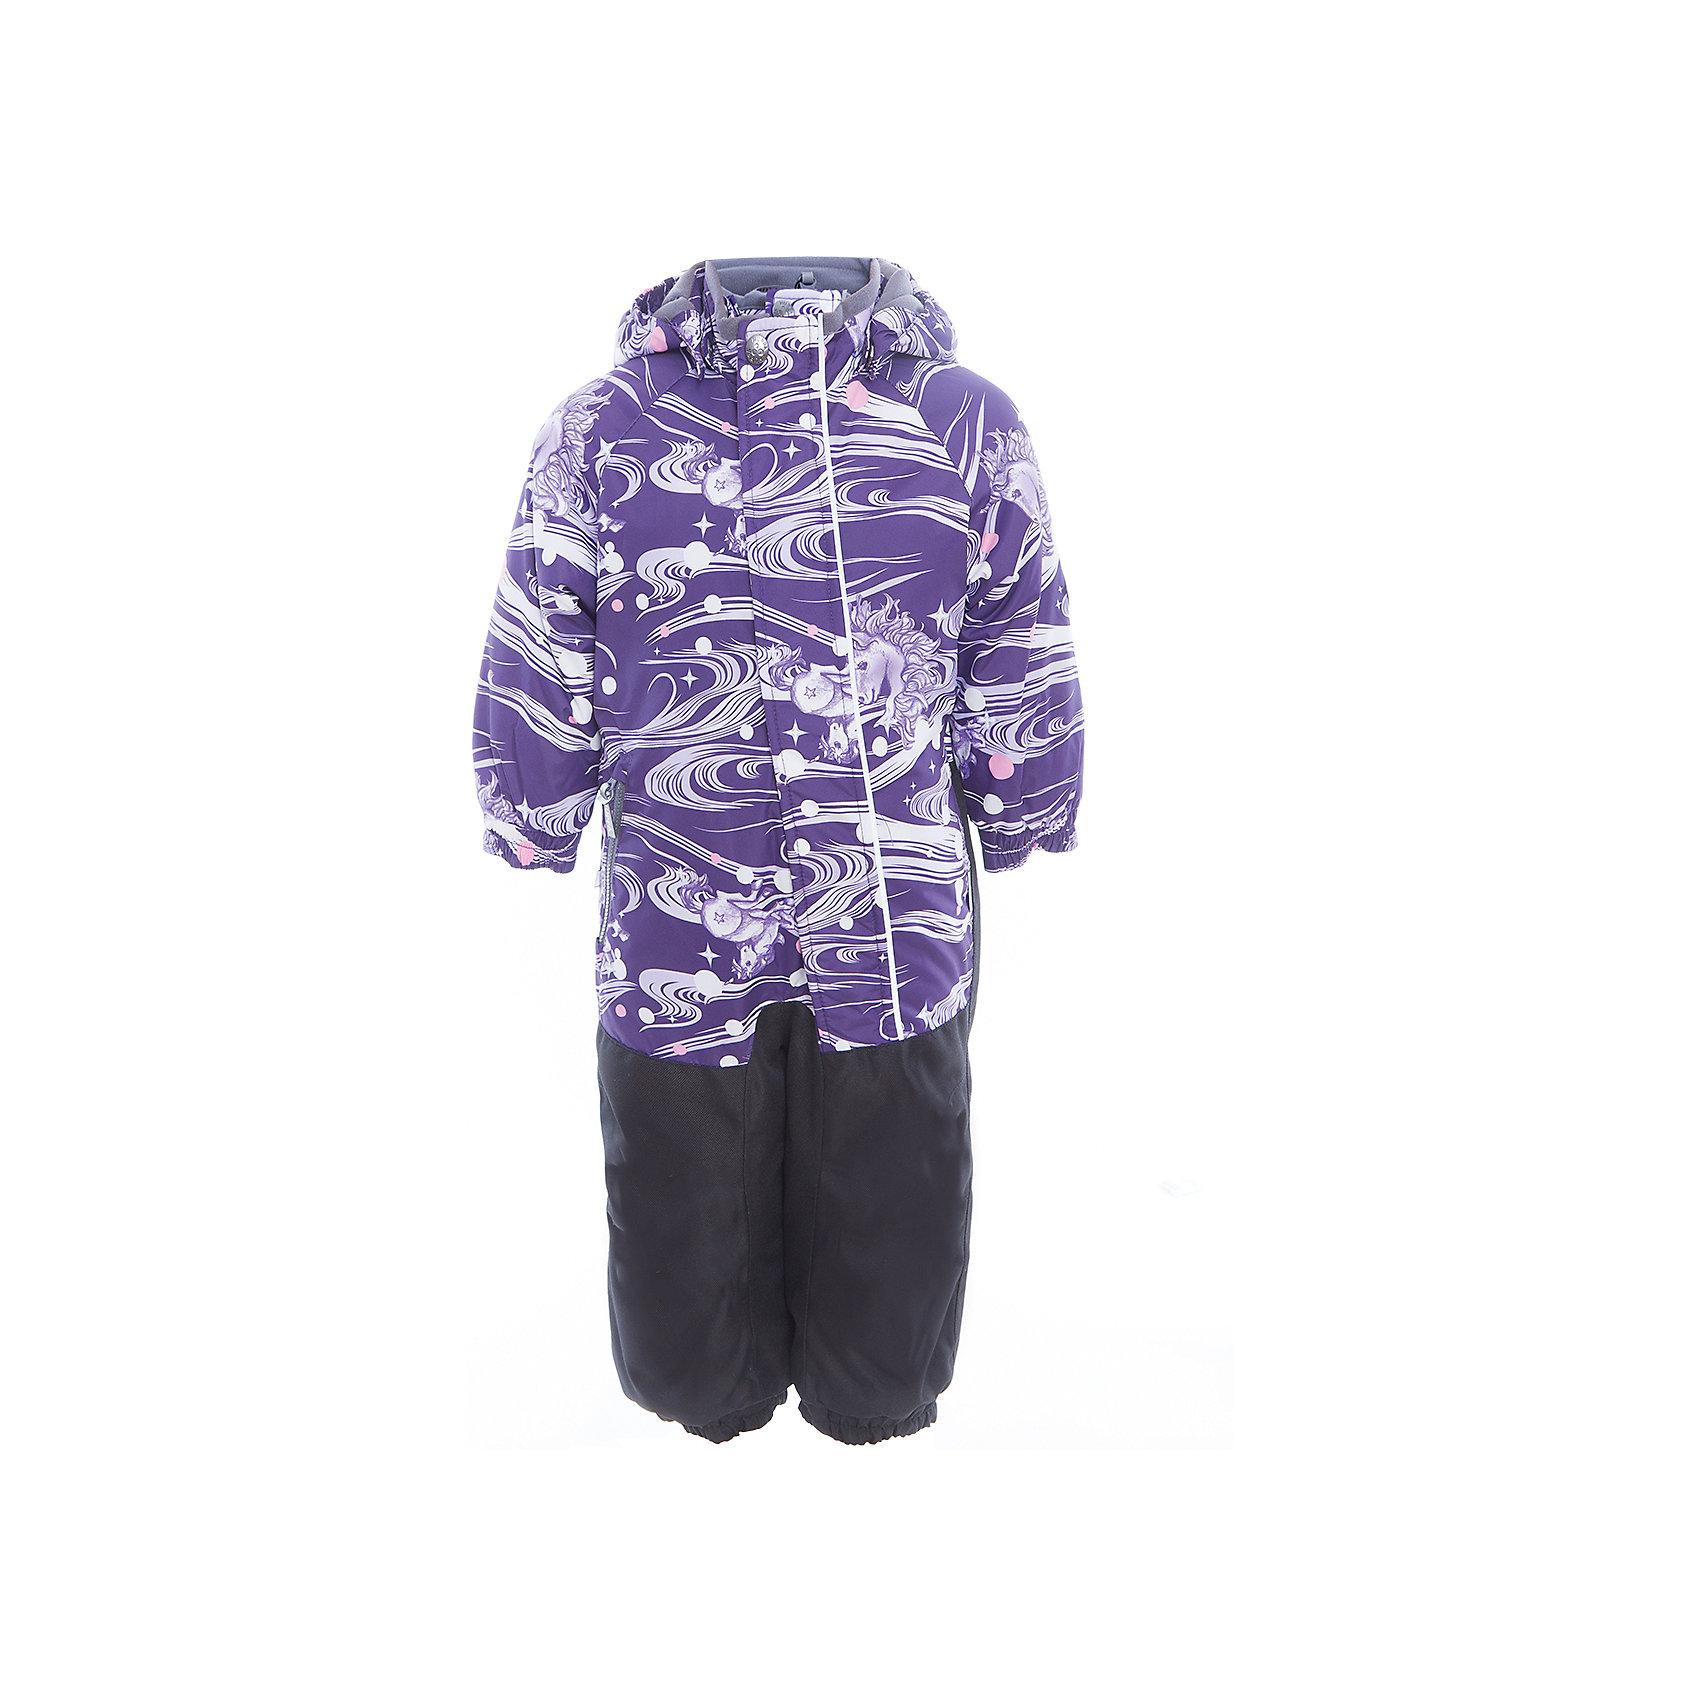 Комбинезон CHRIS для девочки HuppaВерхняя одежда<br>Характеристики товара:<br><br>• цвет: фиолетовый принт<br>• ткань: 100% полиэстер<br>• подкладка: тафта, pritex - 100% полиэстер<br>• утеплитель: 100% полиэстер 100 г<br>• температурный режим: от -5°С до +10°С<br>• водонепроницаемость: верх - 5000 мм, низ - 10000 мм<br>• воздухопроницаемость: верх - 5000 мм, низ - 10000 мм<br>• светоотражающие детали<br>• средний задний шов, боковые и внутренние швы проклеены<br>• съёмный капюшон с резинкой<br>• защита подбородка<br>• эластичные манжеты<br>• манжеты брюк с резинкой<br>• съёмные эластичные штрипки<br>• без внутренних швов<br>• коллекция: весна-лето 2017<br>• страна бренда: Эстония<br><br>Этот удобный комбинезон обеспечит детям тепло и комфорт. Он сделан из материала, отталкивающего воду, и дополнен подкладкой с утеплителем, поэтому изделие идеально подходит для межсезонья. Материал изделия - с мембранной технологией: защищая от влаги и ветра, он легко выводит лишнюю влагу наружу. Комбинезон очень симпатично смотрится. <br><br>Одежда и обувь от популярного эстонского бренда Huppa - отличный вариант одеть ребенка можно и комфортно. Вещи, выпускаемые компанией, качественные, продуманные и очень удобные. Для производства изделий используются только безопасные для детей материалы. Продукция от Huppa порадует и детей, и их родителей!<br><br>Комбинезон GOLDEN от бренда Huppa (Хуппа) можно купить в нашем интернет-магазине.<br><br>Ширина мм: 356<br>Глубина мм: 10<br>Высота мм: 245<br>Вес г: 519<br>Цвет: розовый<br>Возраст от месяцев: 12<br>Возраст до месяцев: 18<br>Пол: Женский<br>Возраст: Детский<br>Размер: 86,92,98,104,80<br>SKU: 5346536